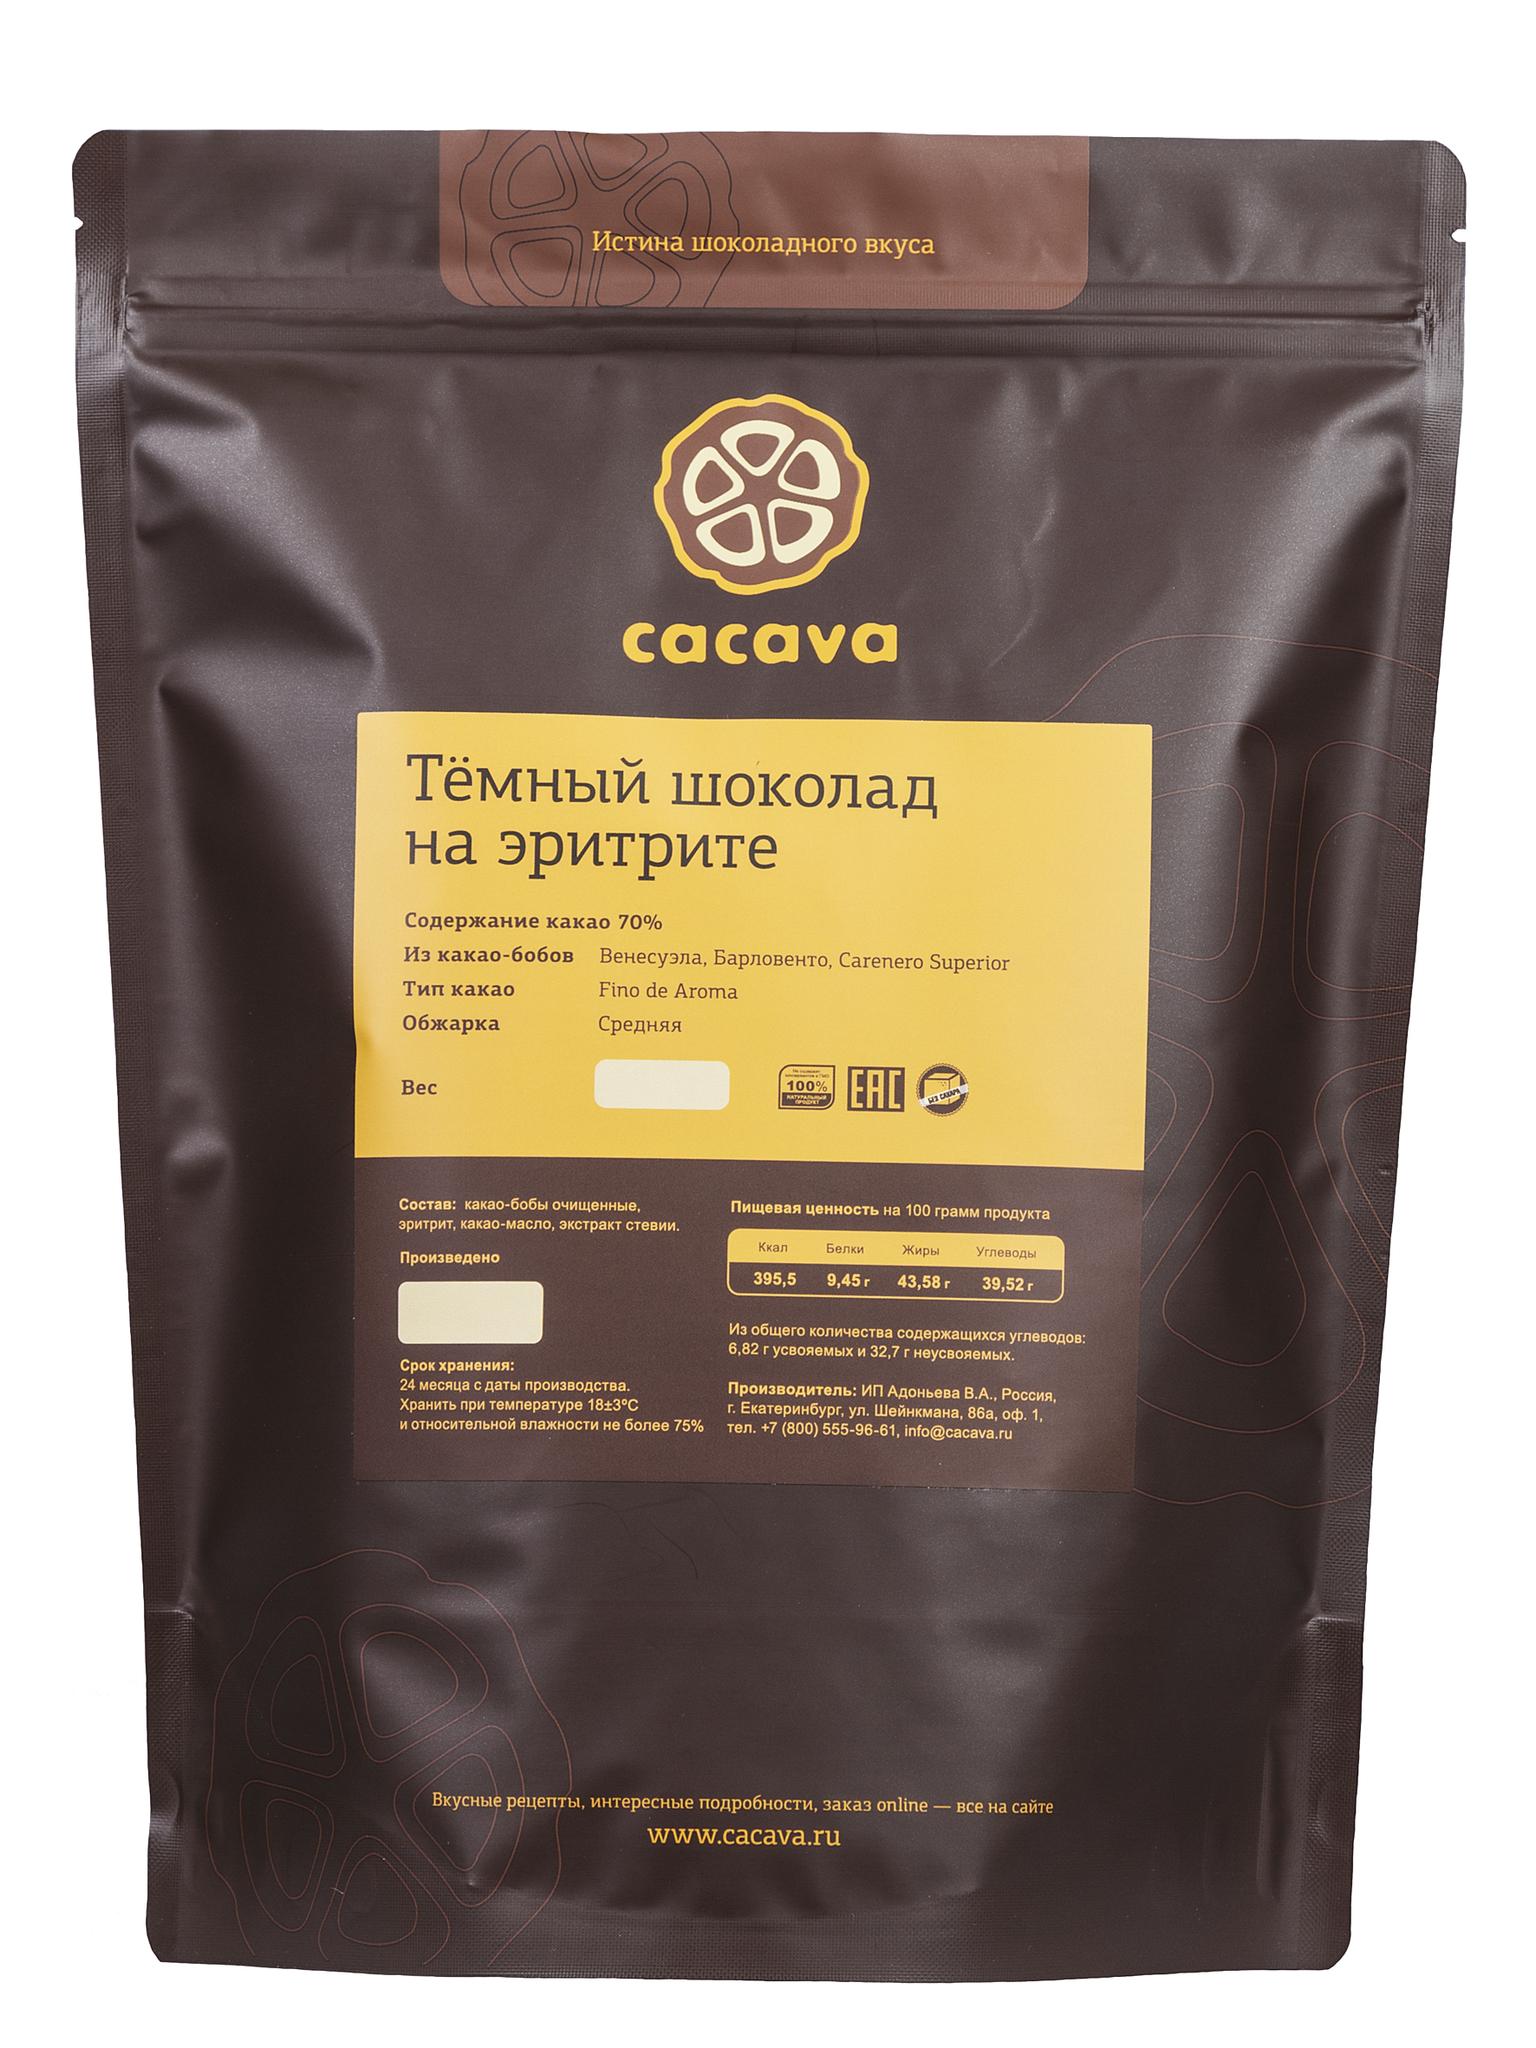 Тёмный шоколад 70 % какао, на эритрите, упаковка 1 кг